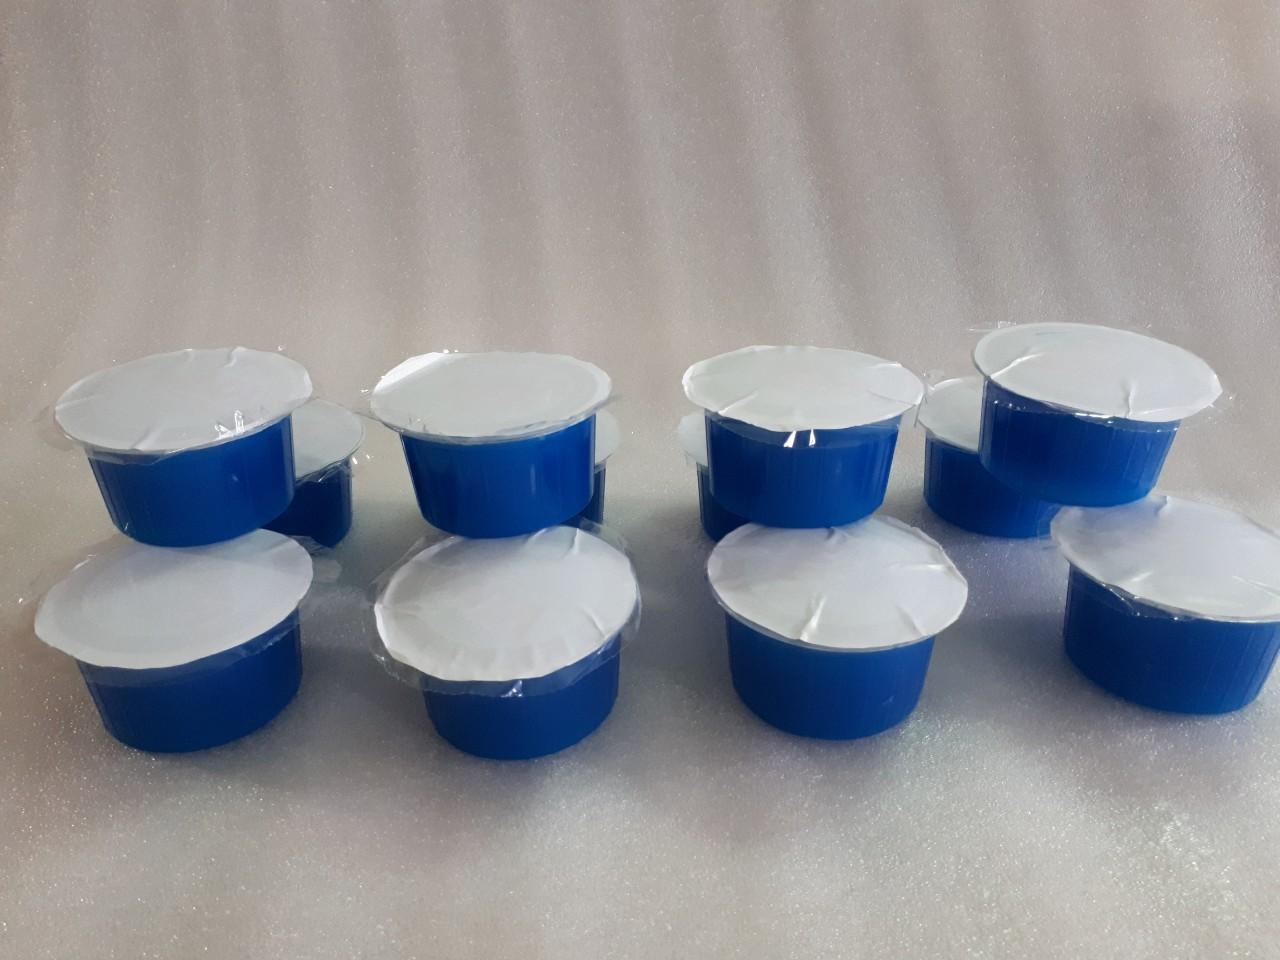 12 hộp Cồn thạch dùng cho bếp cồn quán ăn loại tốt